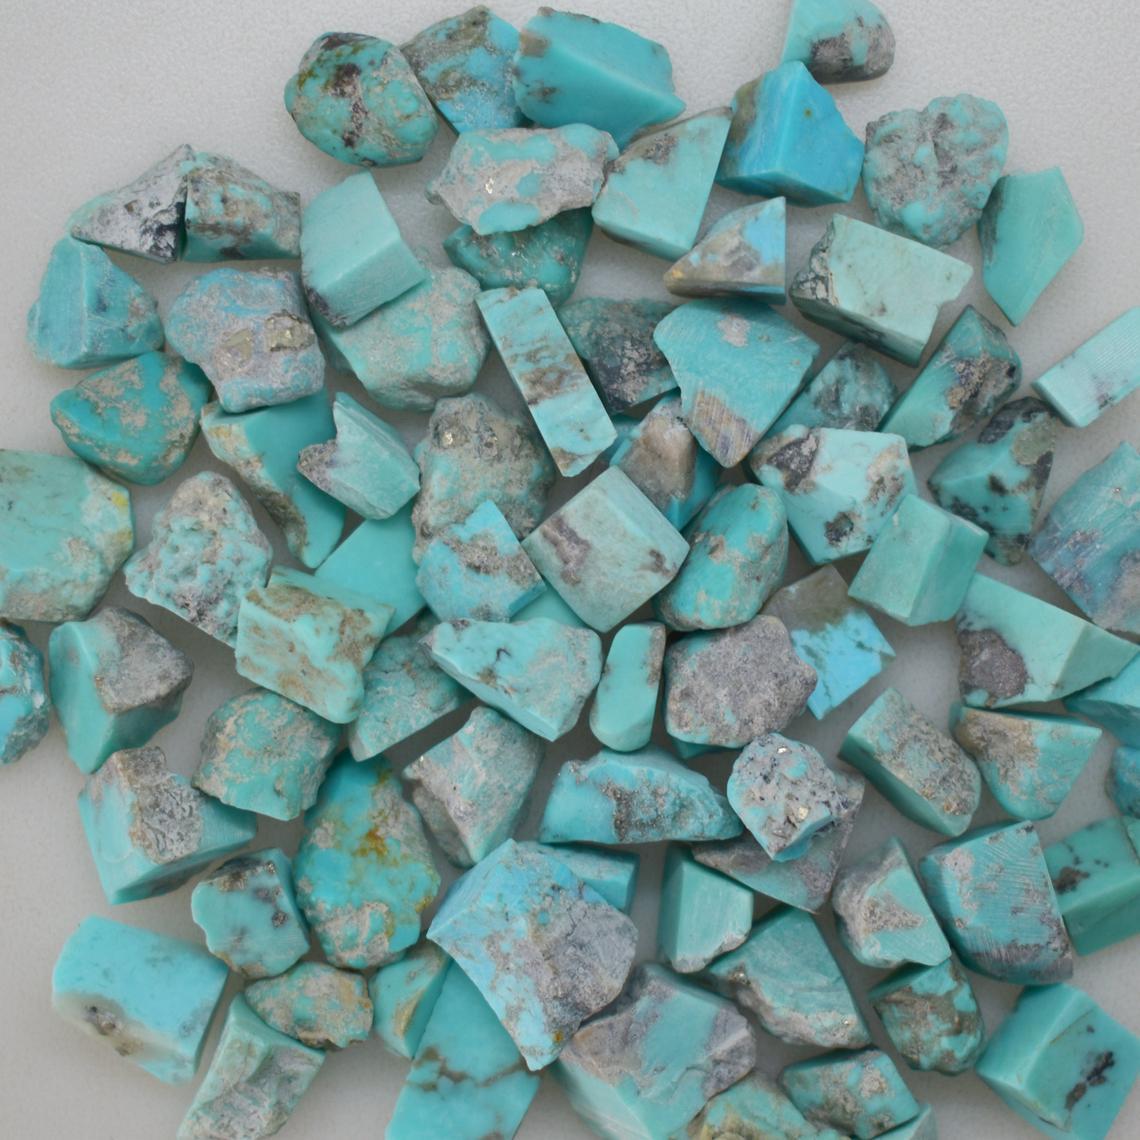 أحجار فيروز خام متنوعة